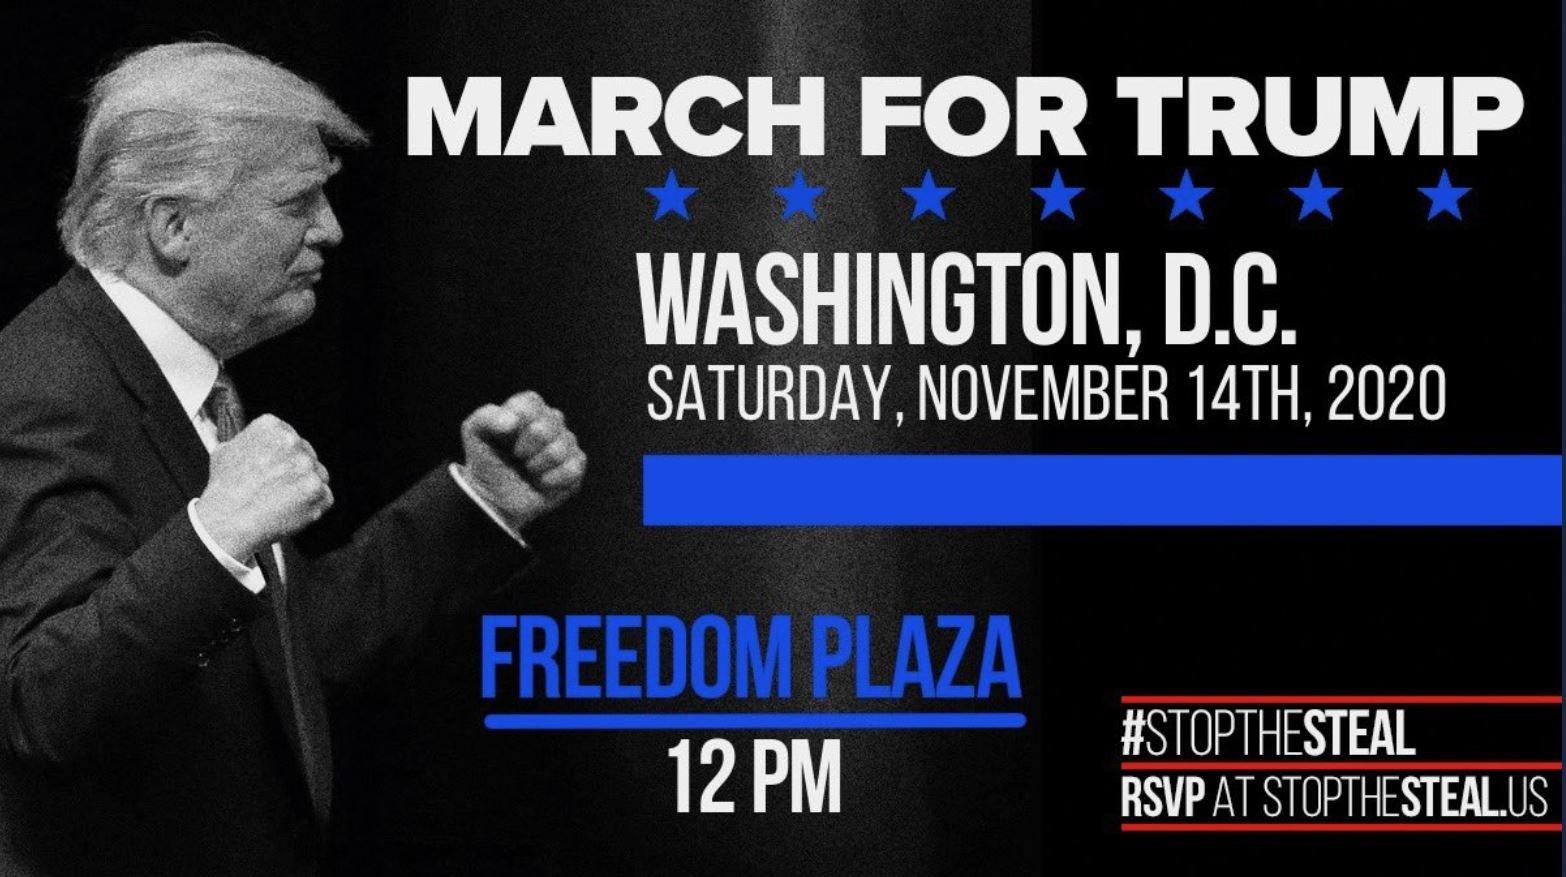 Na segunda-feira, anunciamos uma MARCHA PRINCIPAL PARA TRUMP, planejada para sábado, 14 de novembro - ao meio-dia Eastern em Freedom Plaza.